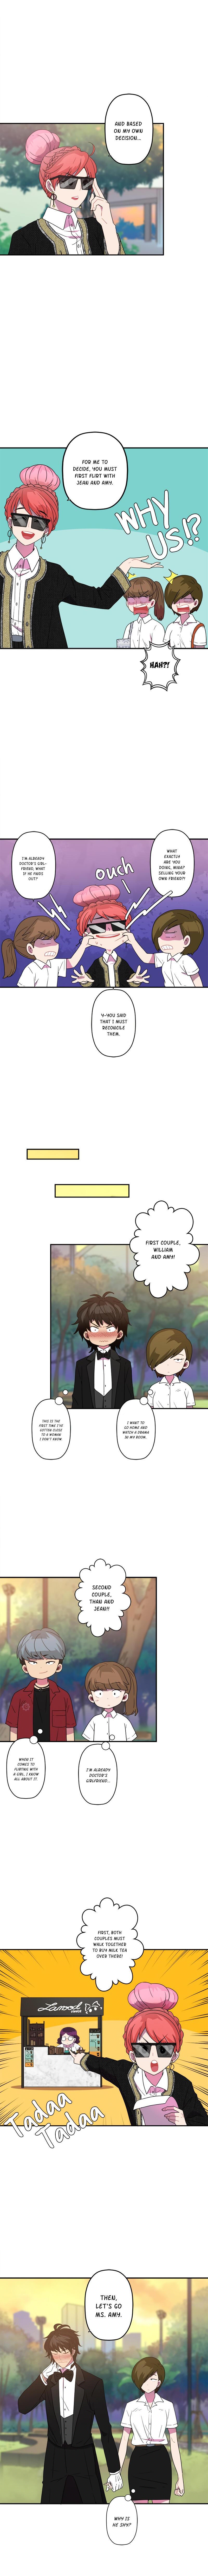 Take My Money Chapter 34 page 2 - Mangakakalots.com